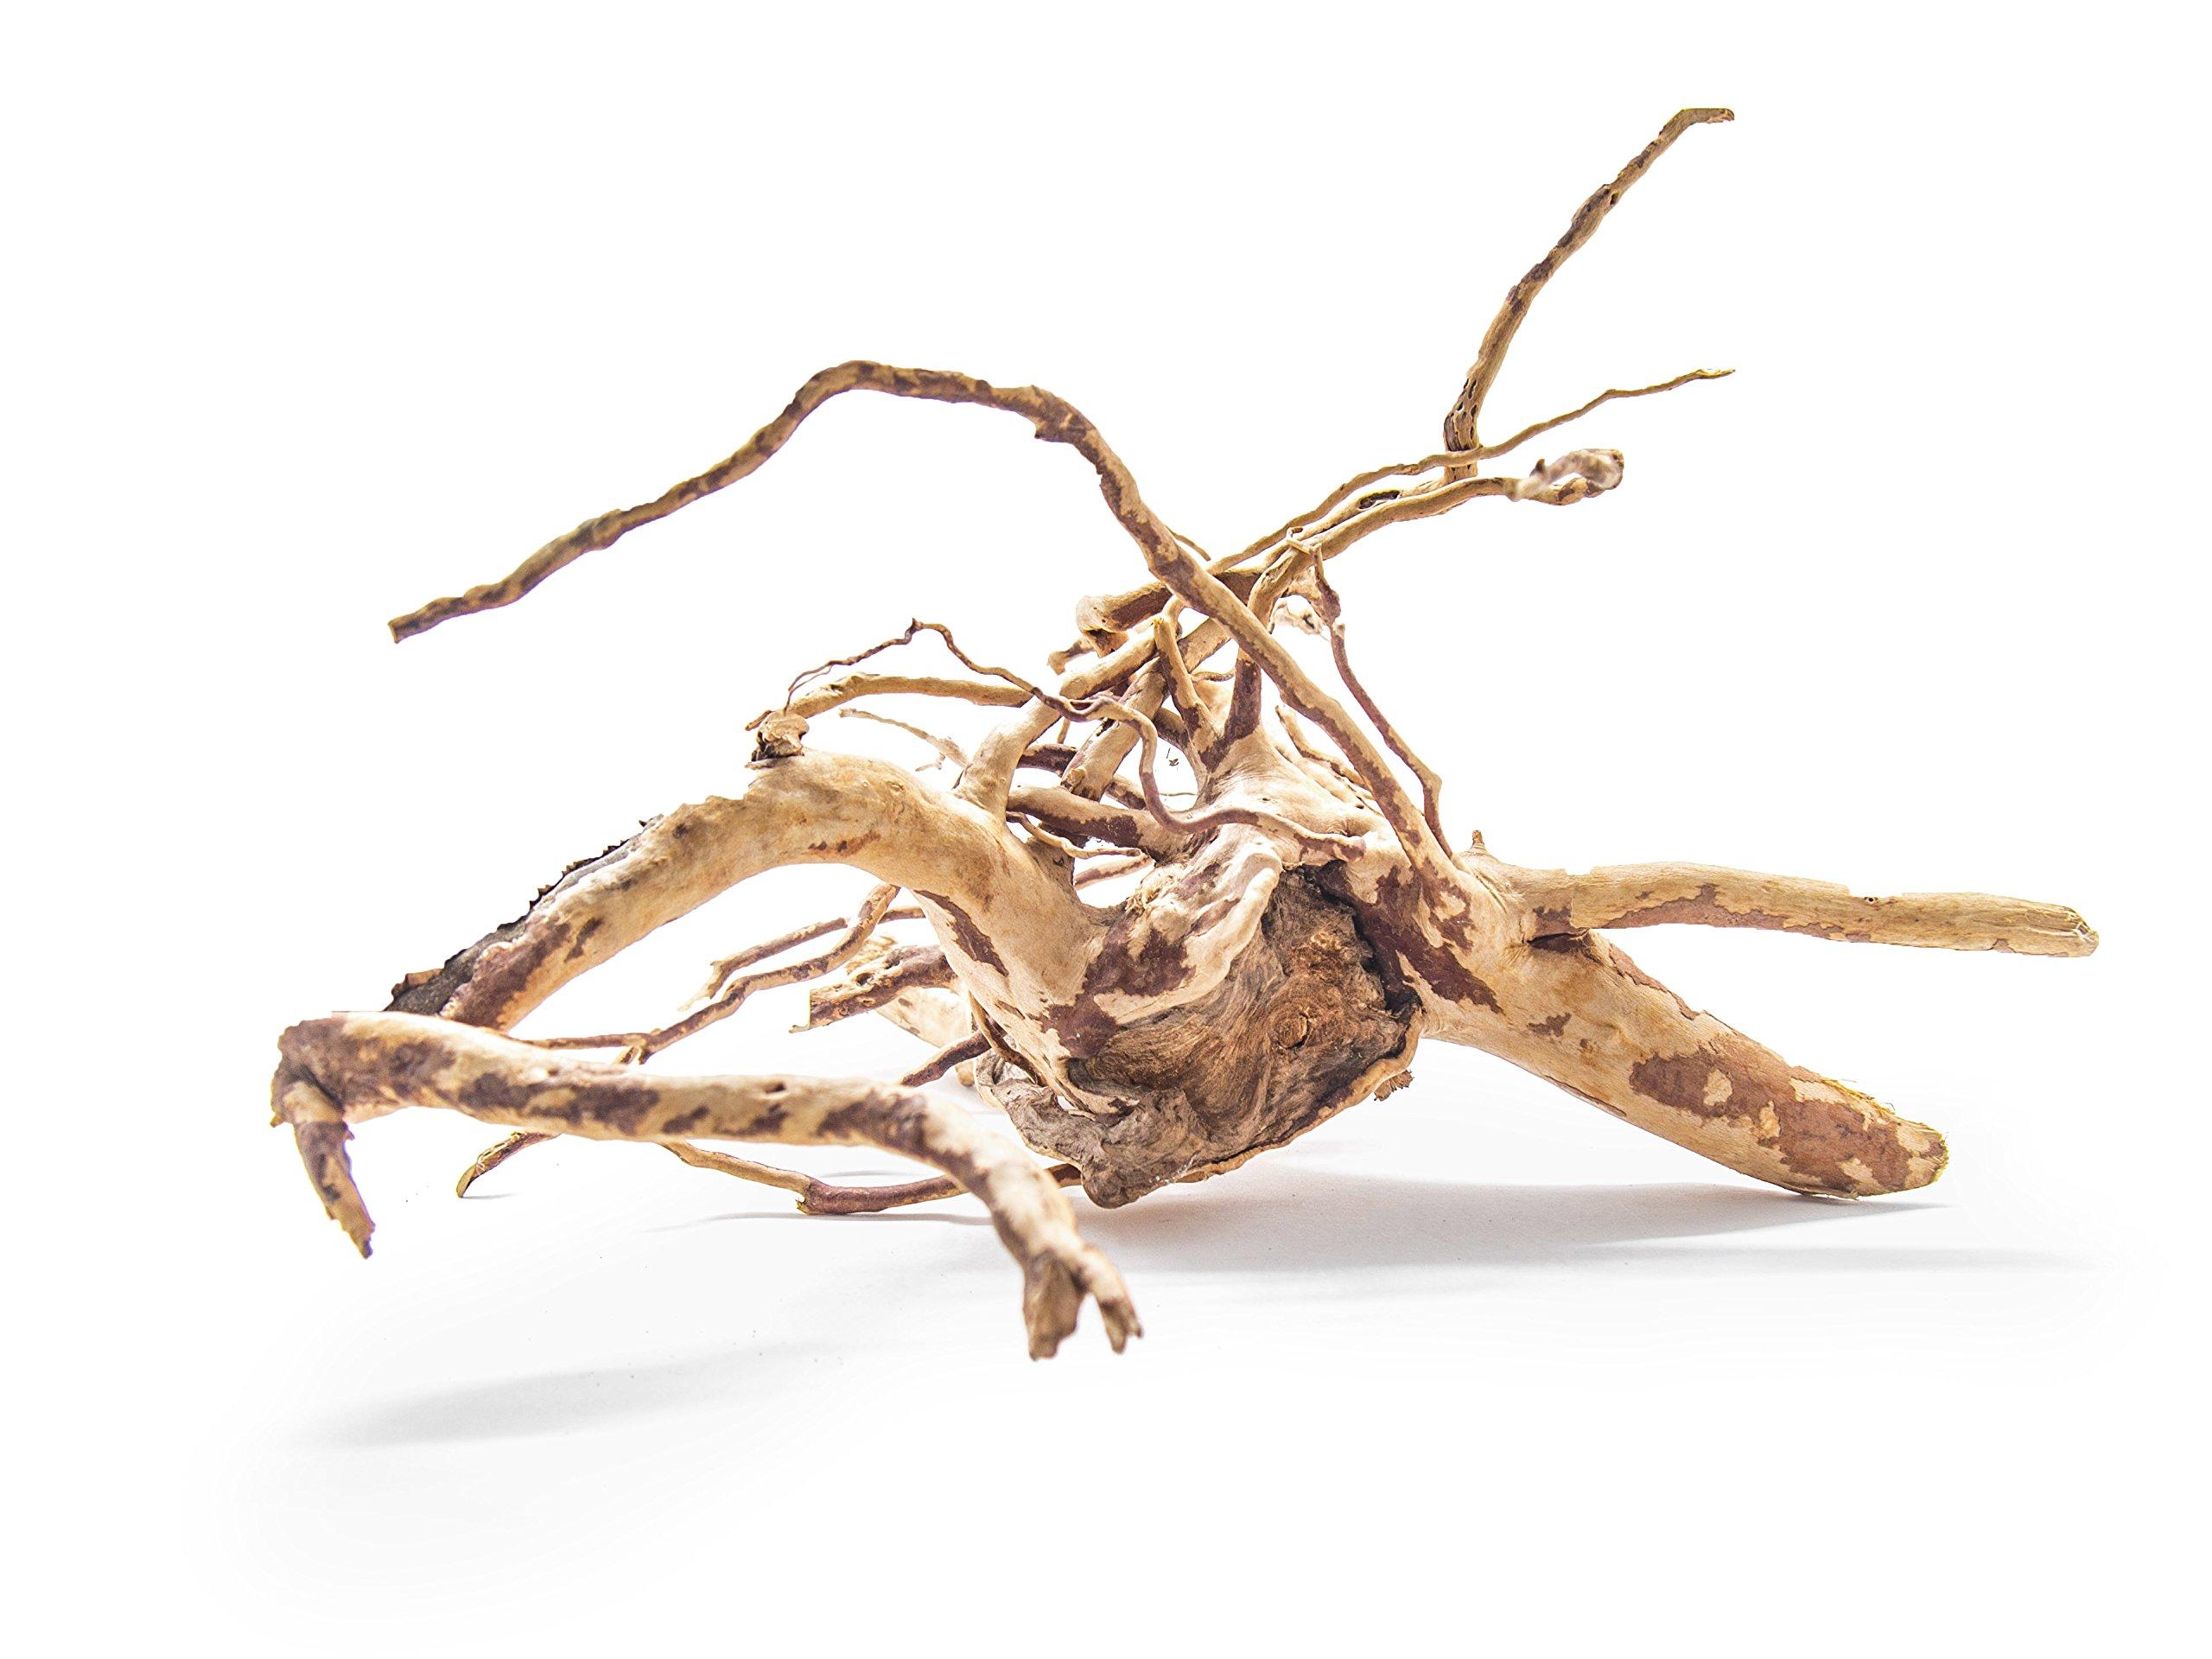 Aquatic Arts 1 Medium Sized Piece of Spider Wood aka Azalea Wood Natural Aquarium Driftwood, 9-12'' by Aquatic Arts